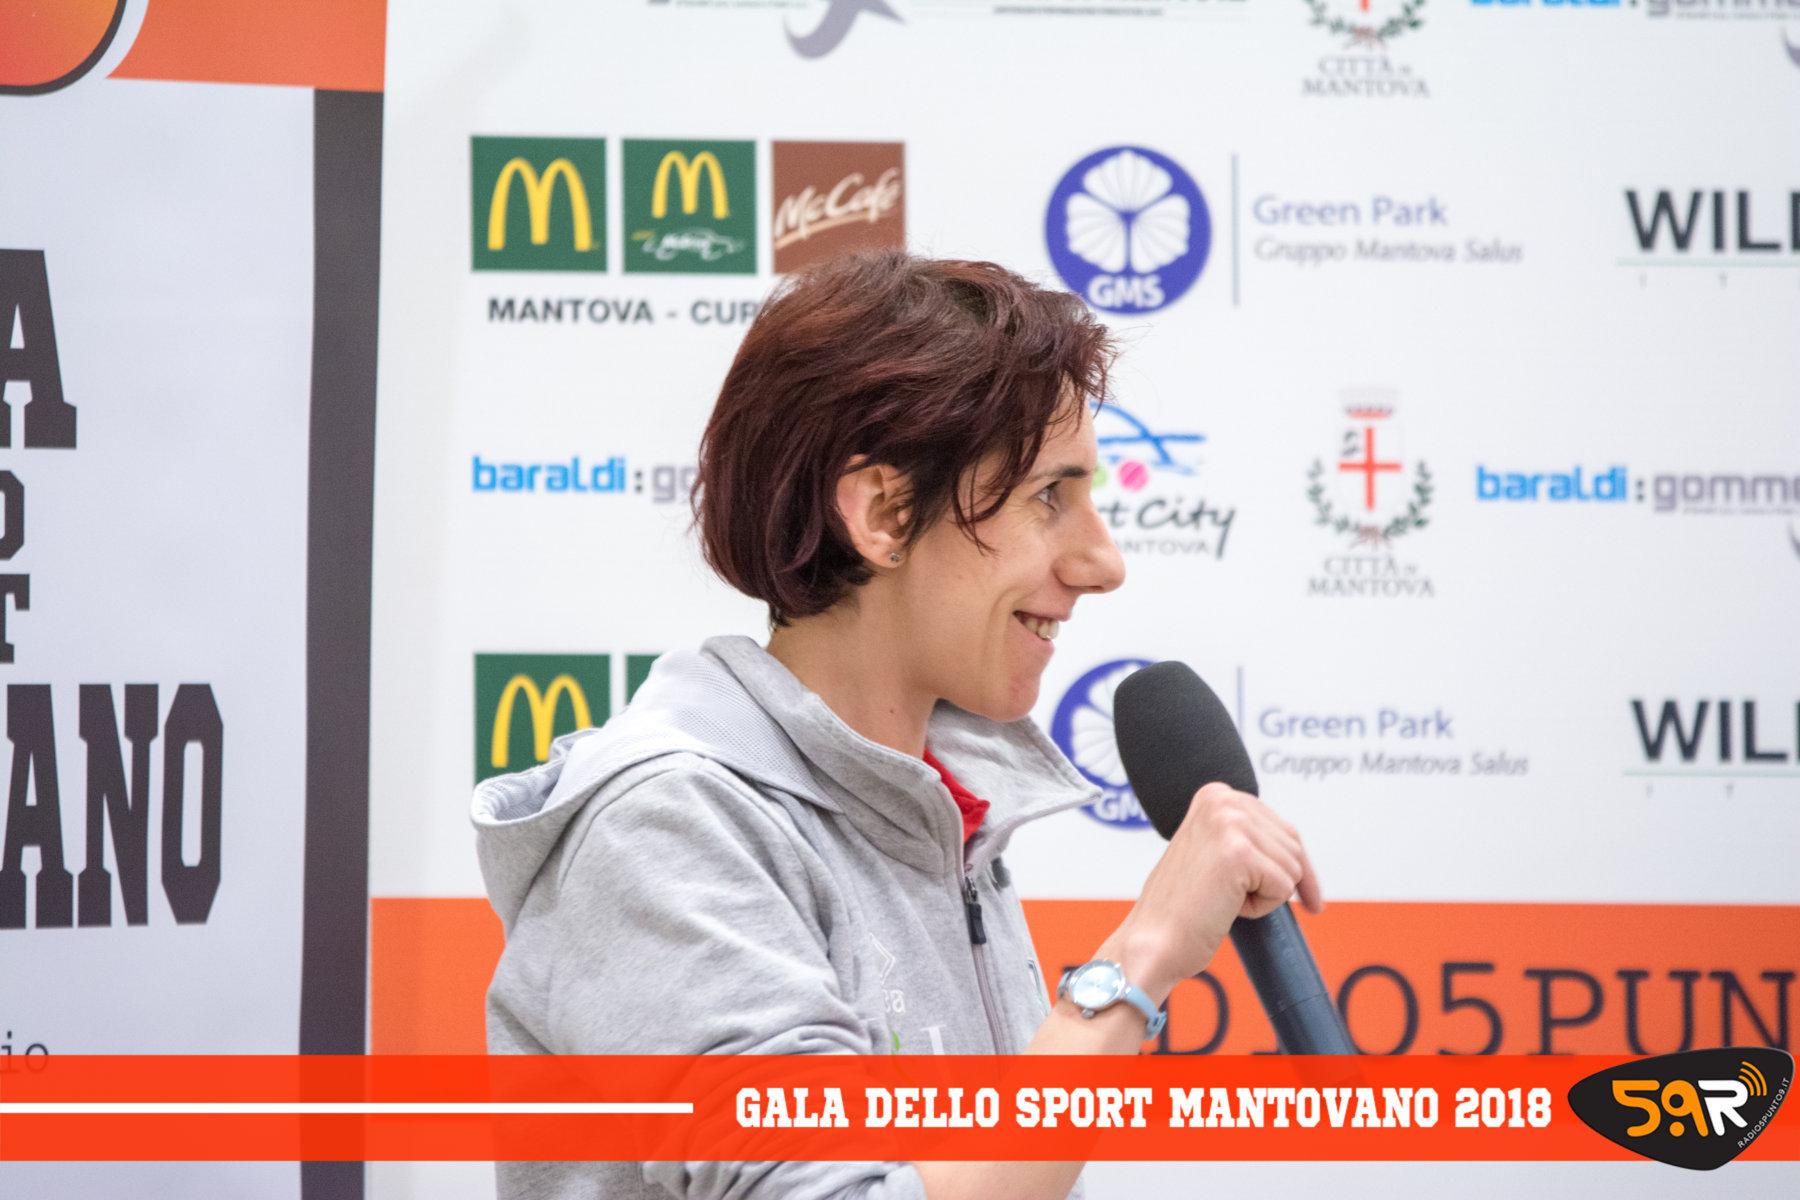 Gala dello Sport Mantovano 2018 Web Radio 5 (96)